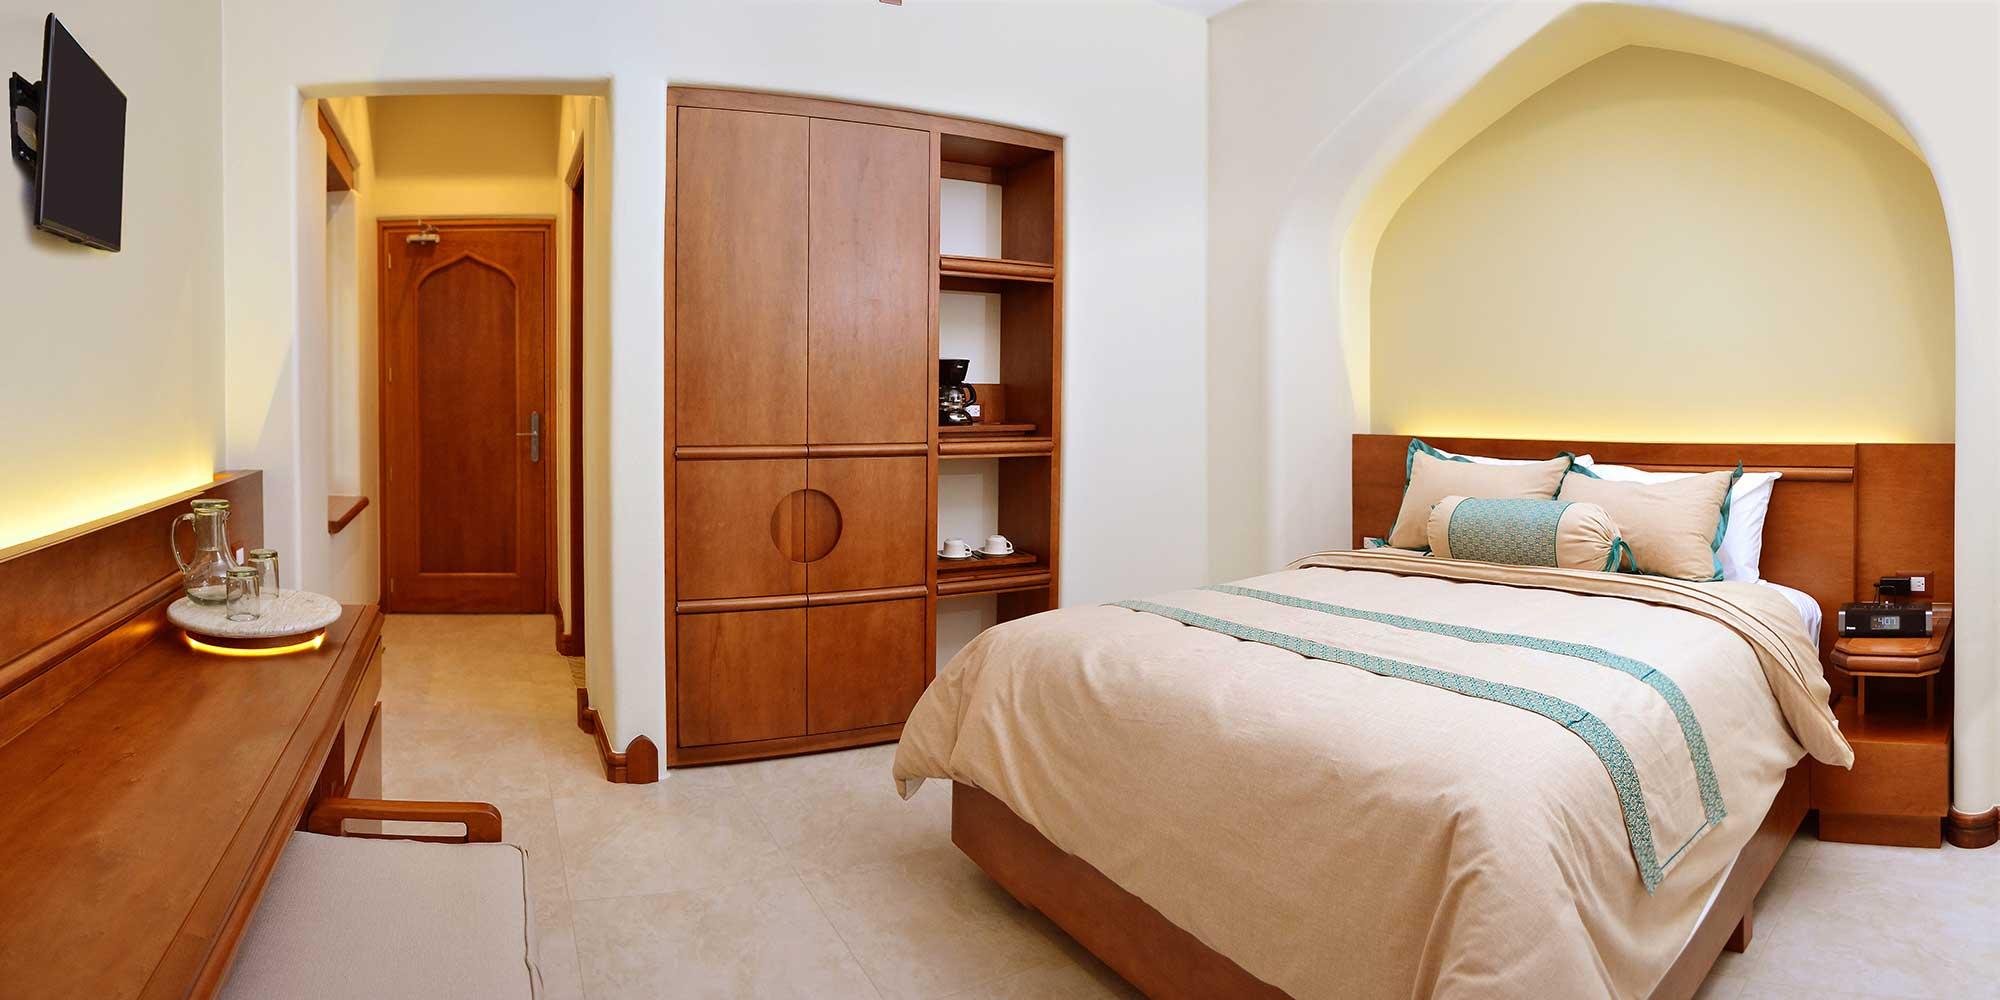 Habitaciones hotel palmas el teph - Habitaciones minimalistas ...